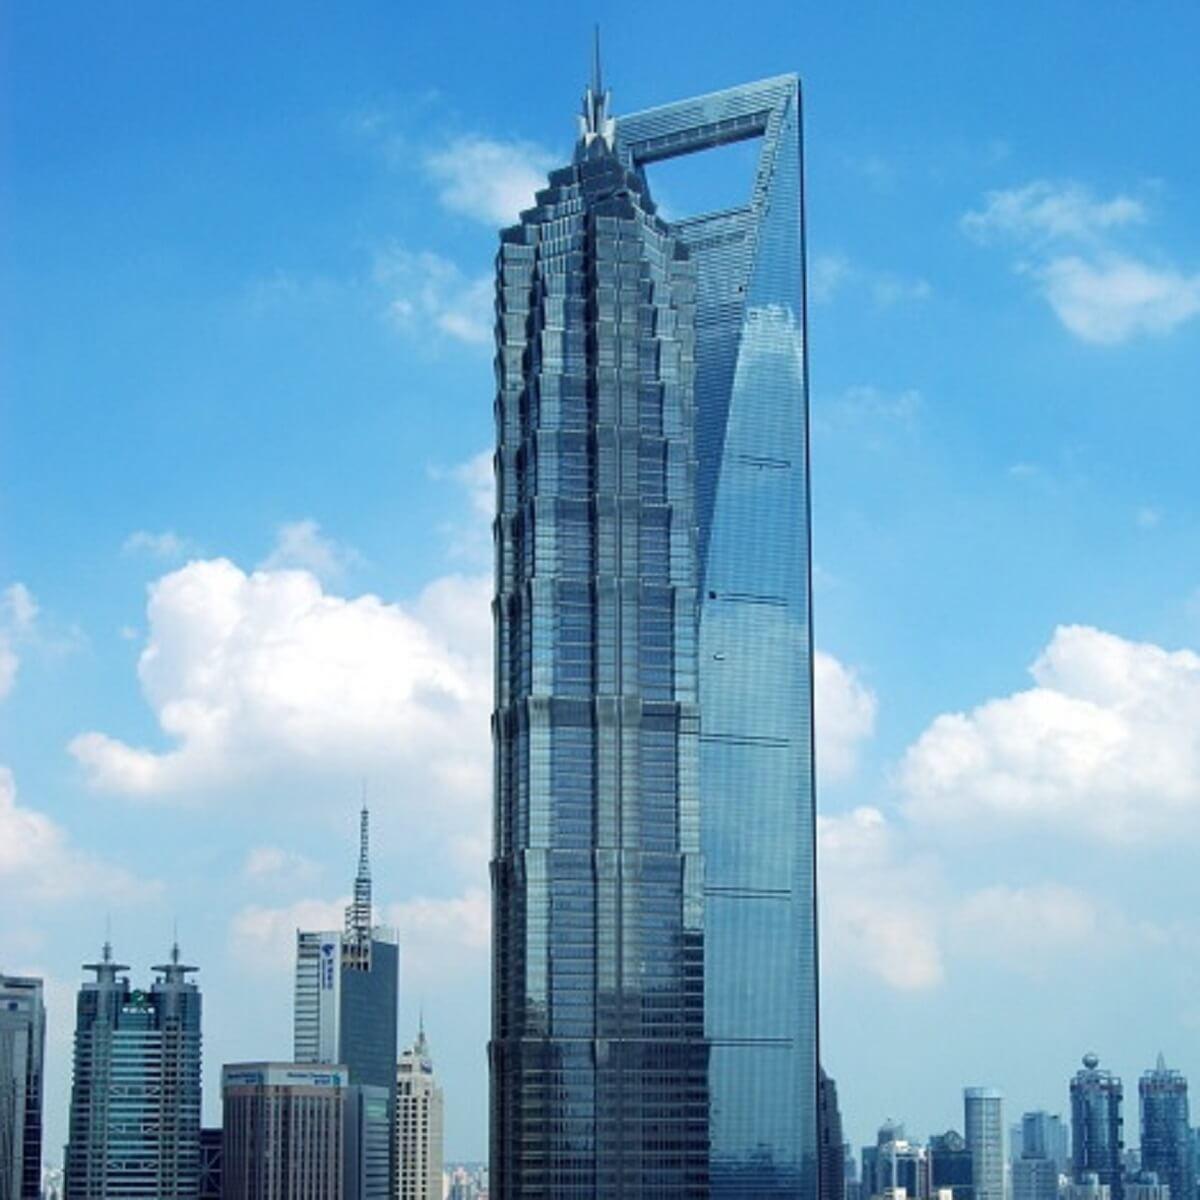 青空の下に立つ高層ビル。